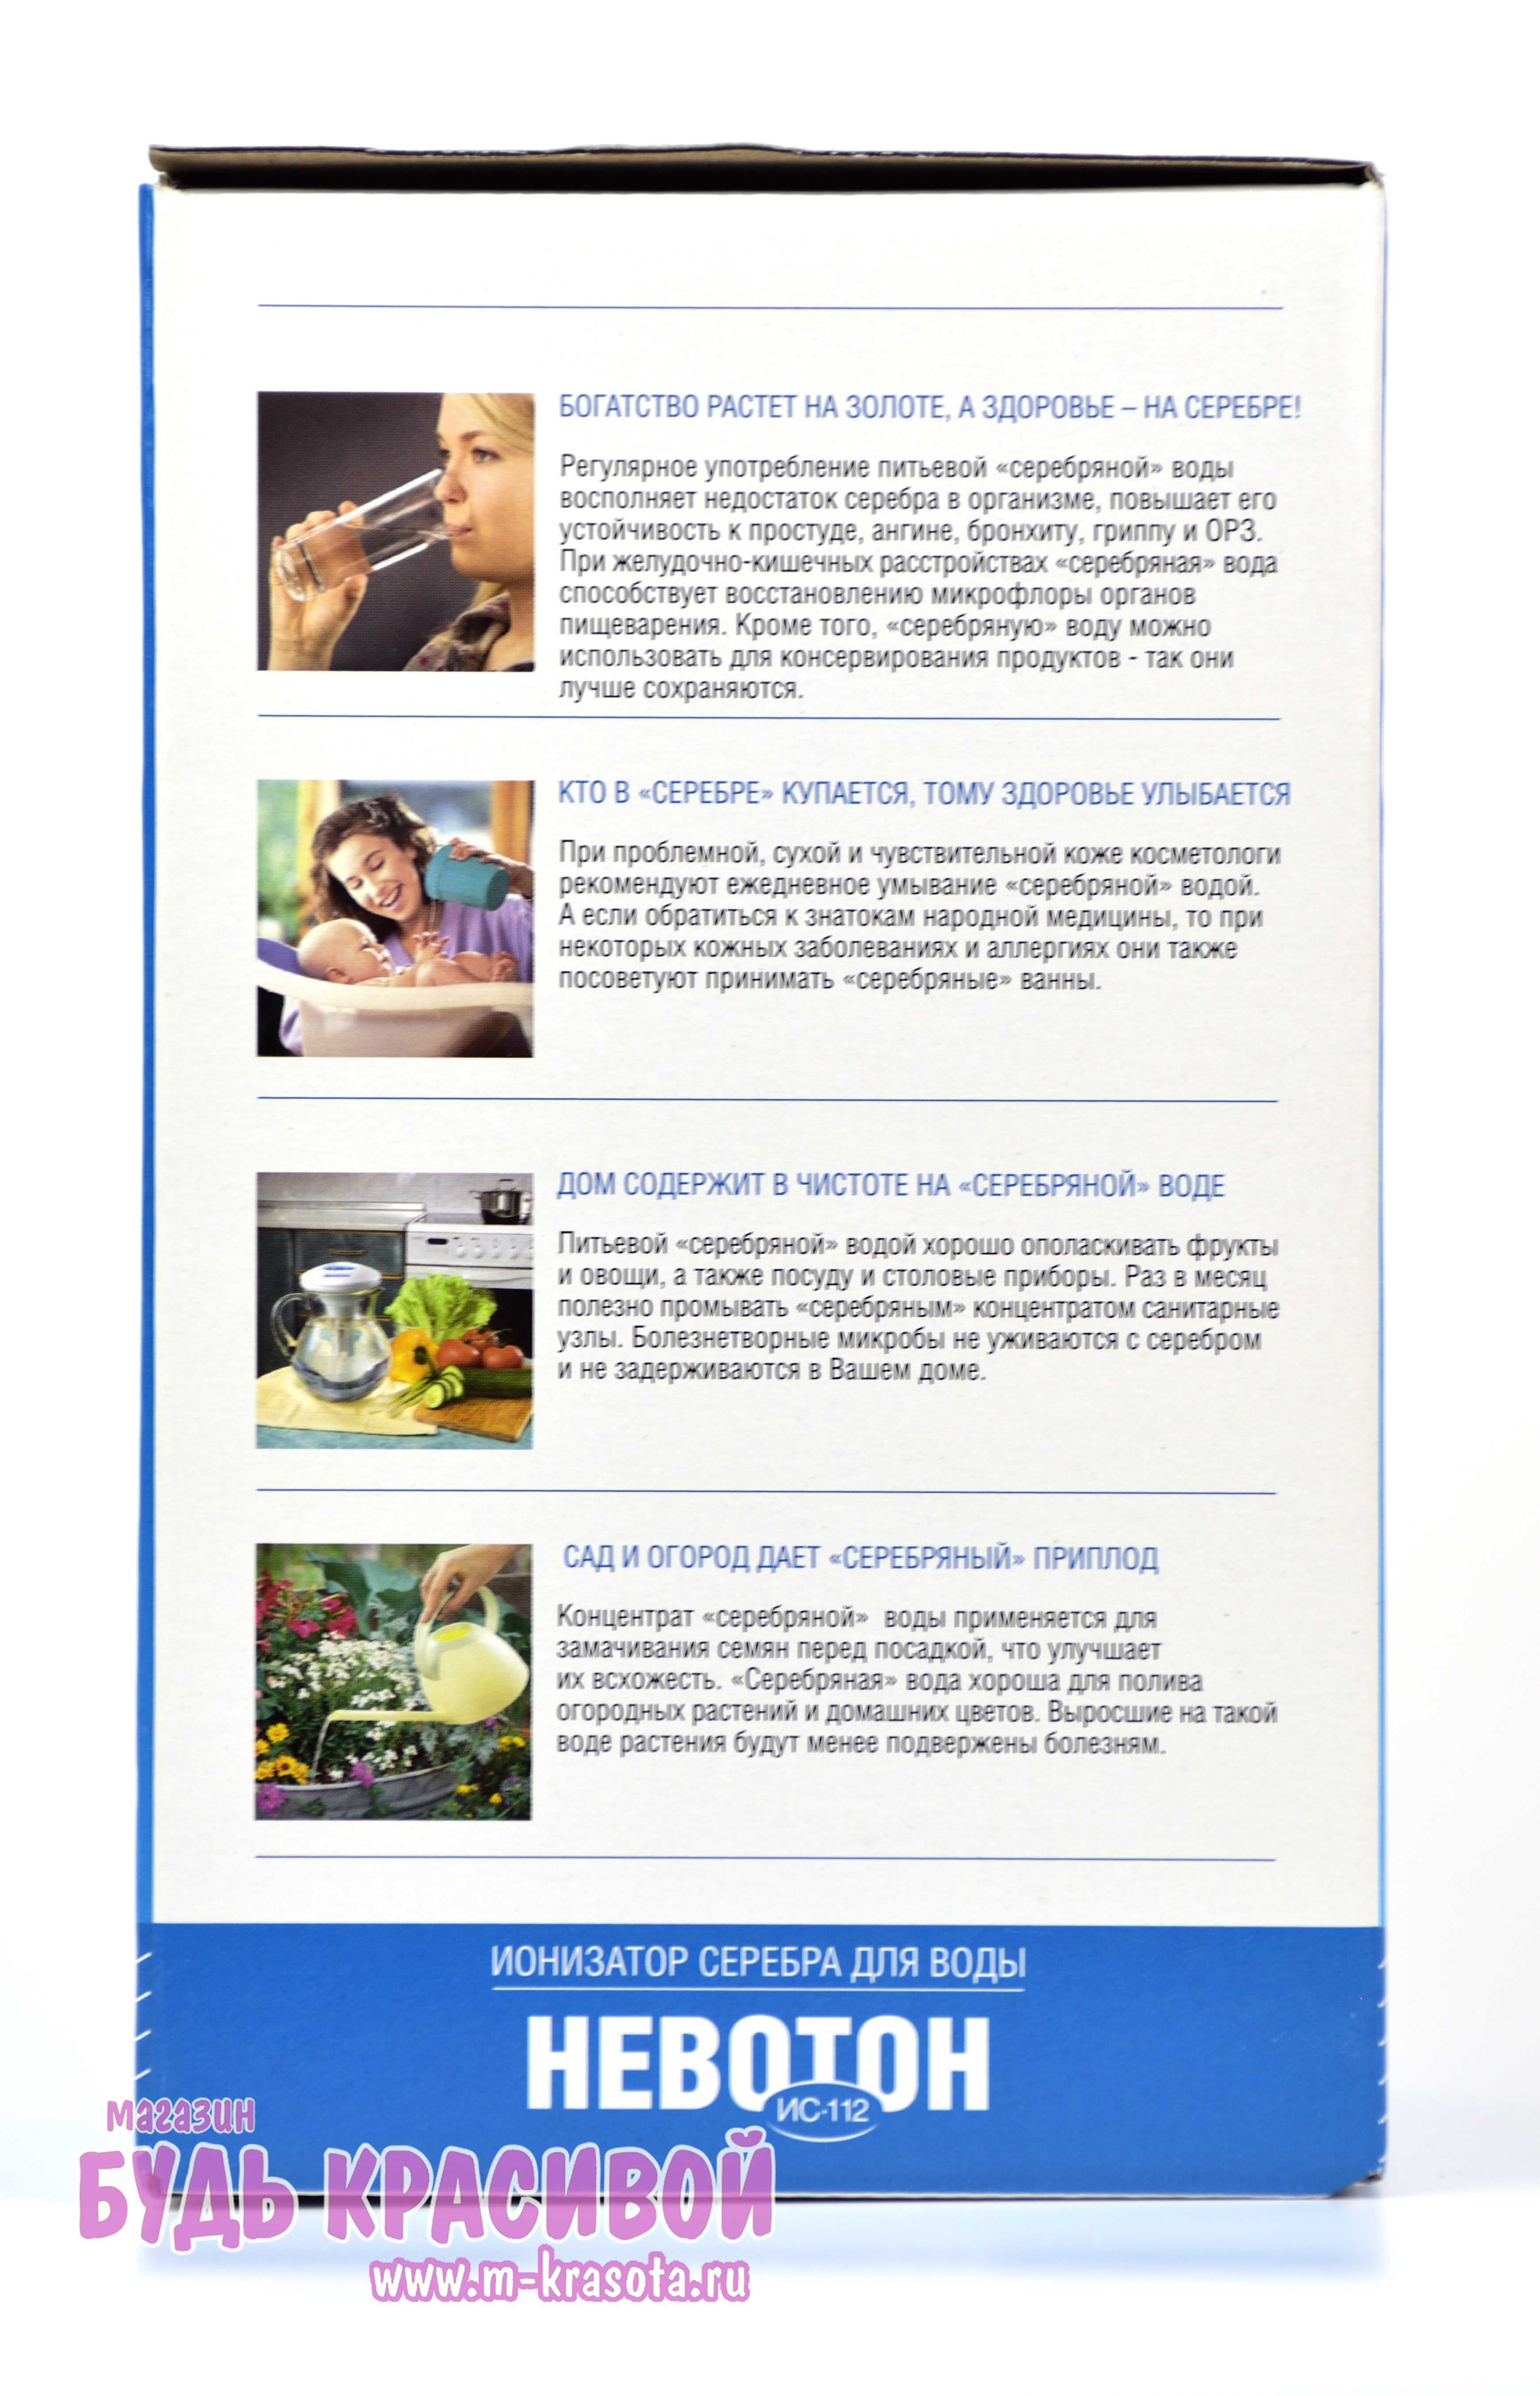 О компании Кофемат, все про фирму, информация на сайте